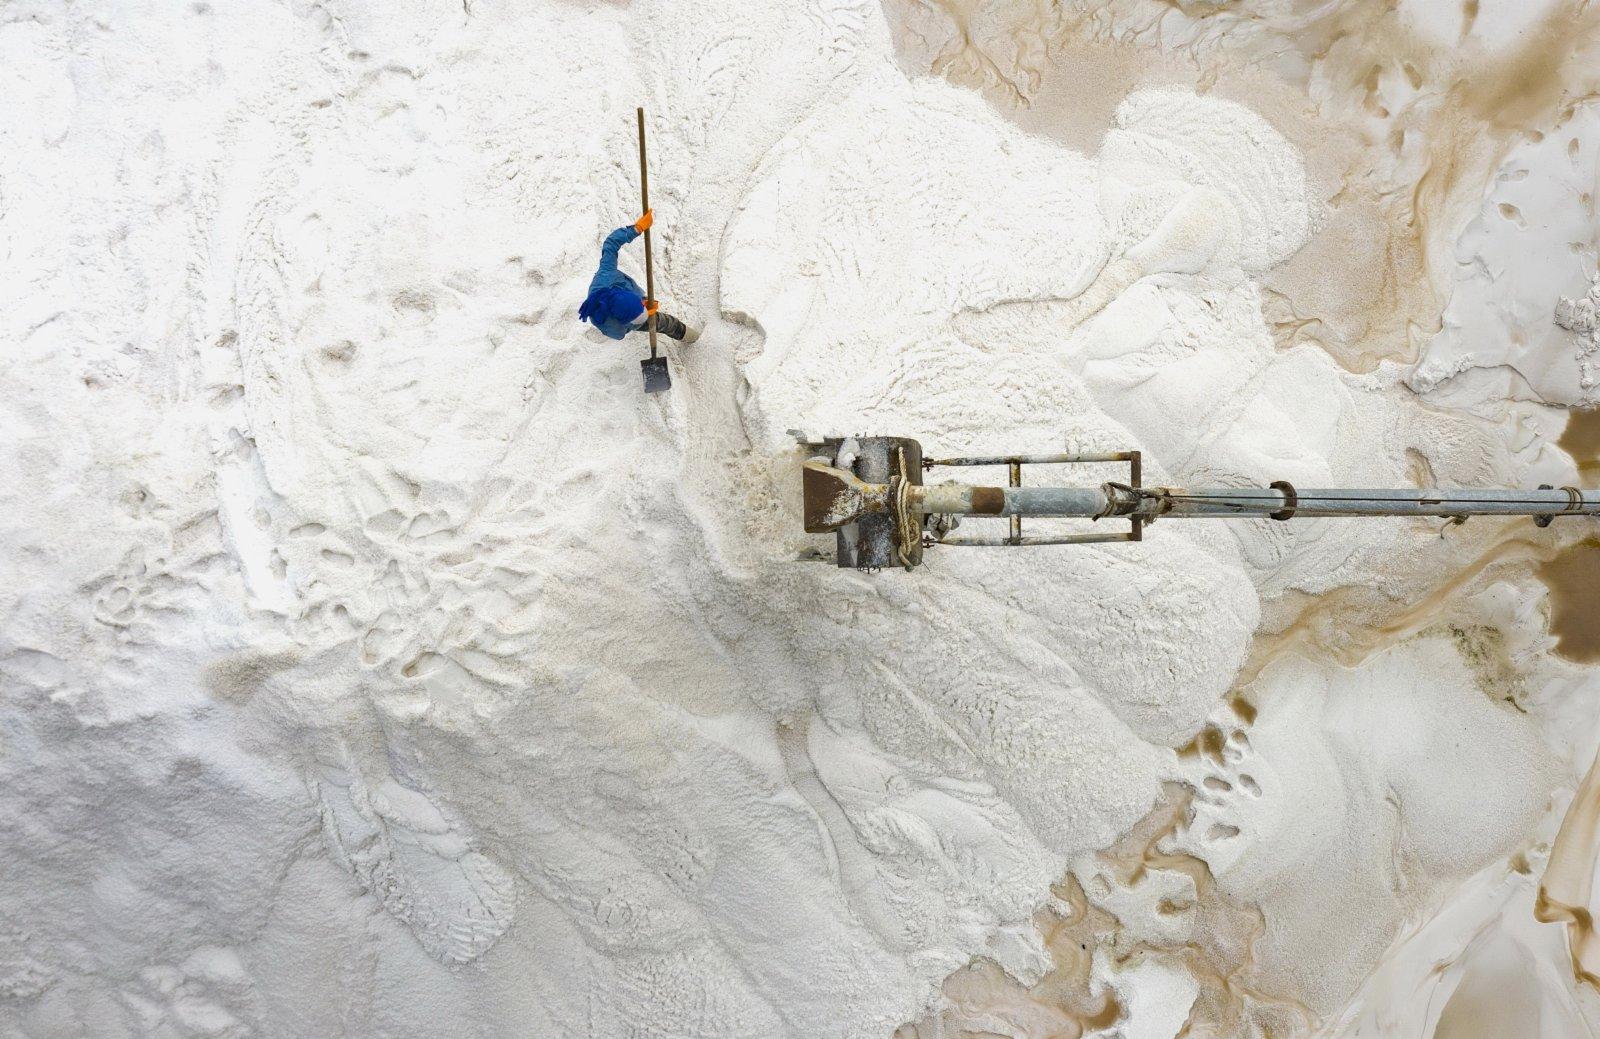 南堡盐场的工人在收获春盐(无人机照片)。